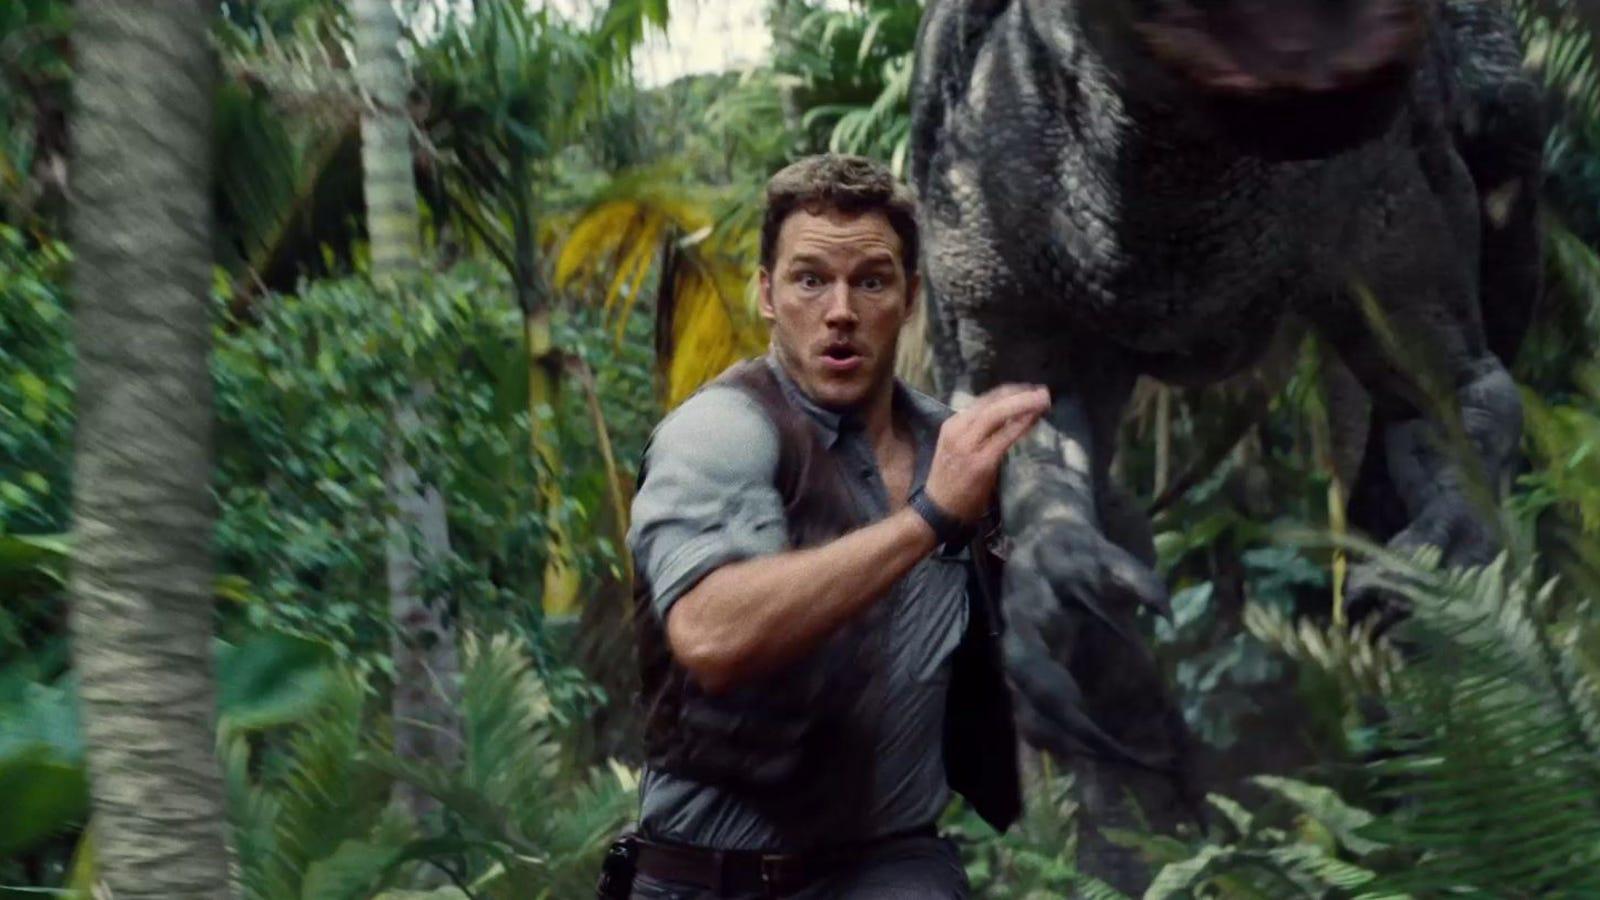 Jurassic World: The Spoiler Faq